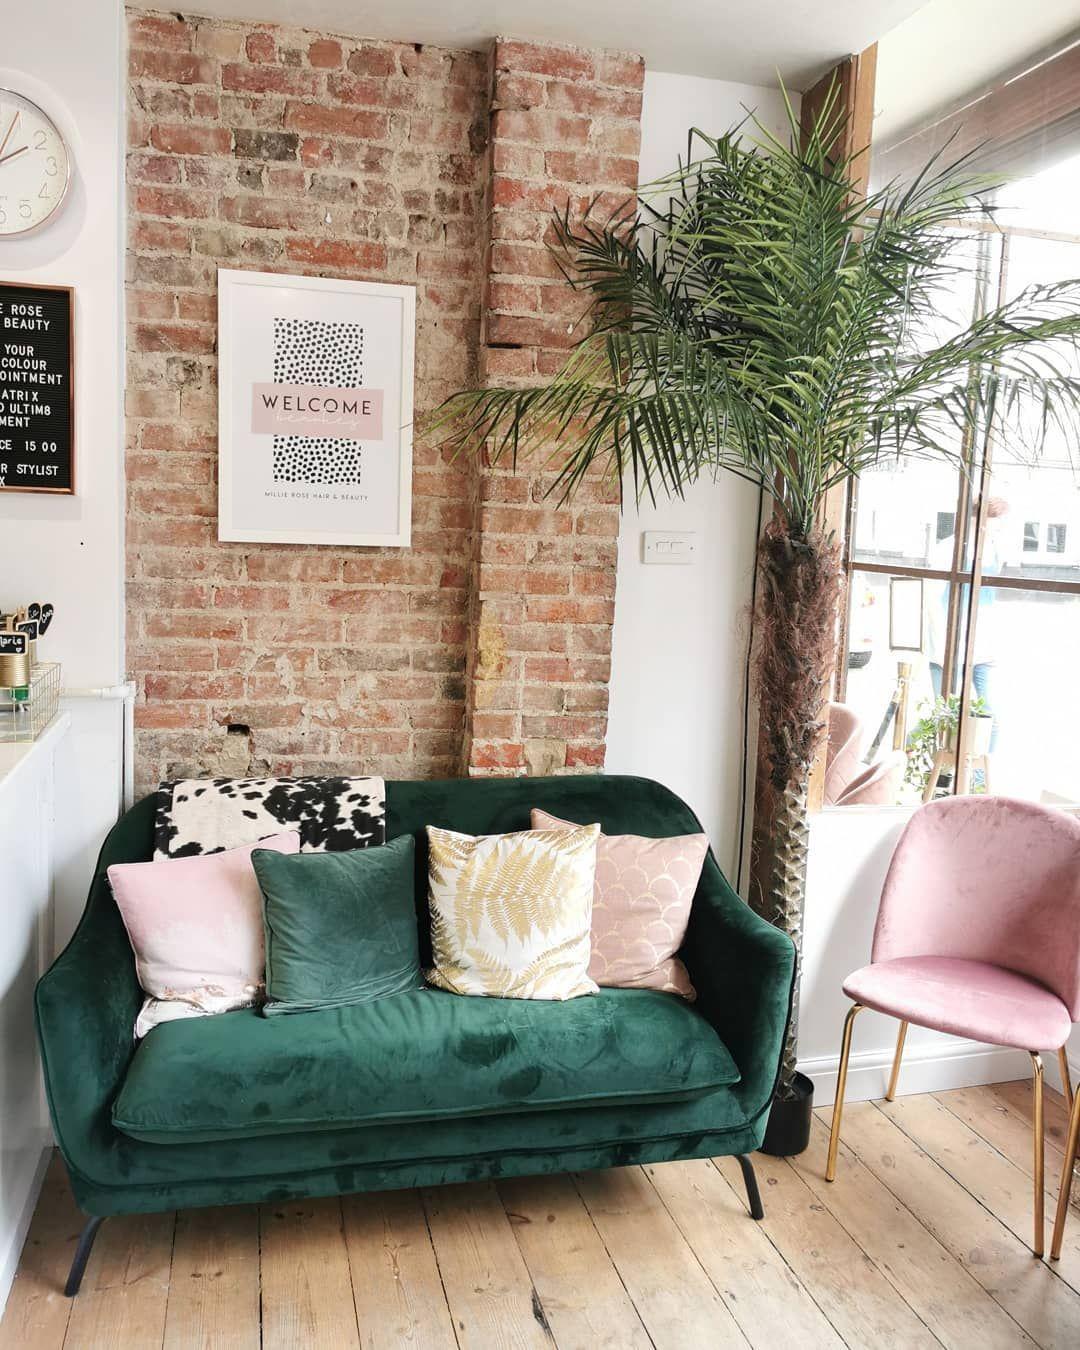 Sofá verde 35 salas sofisticadas e estilosas com a peça